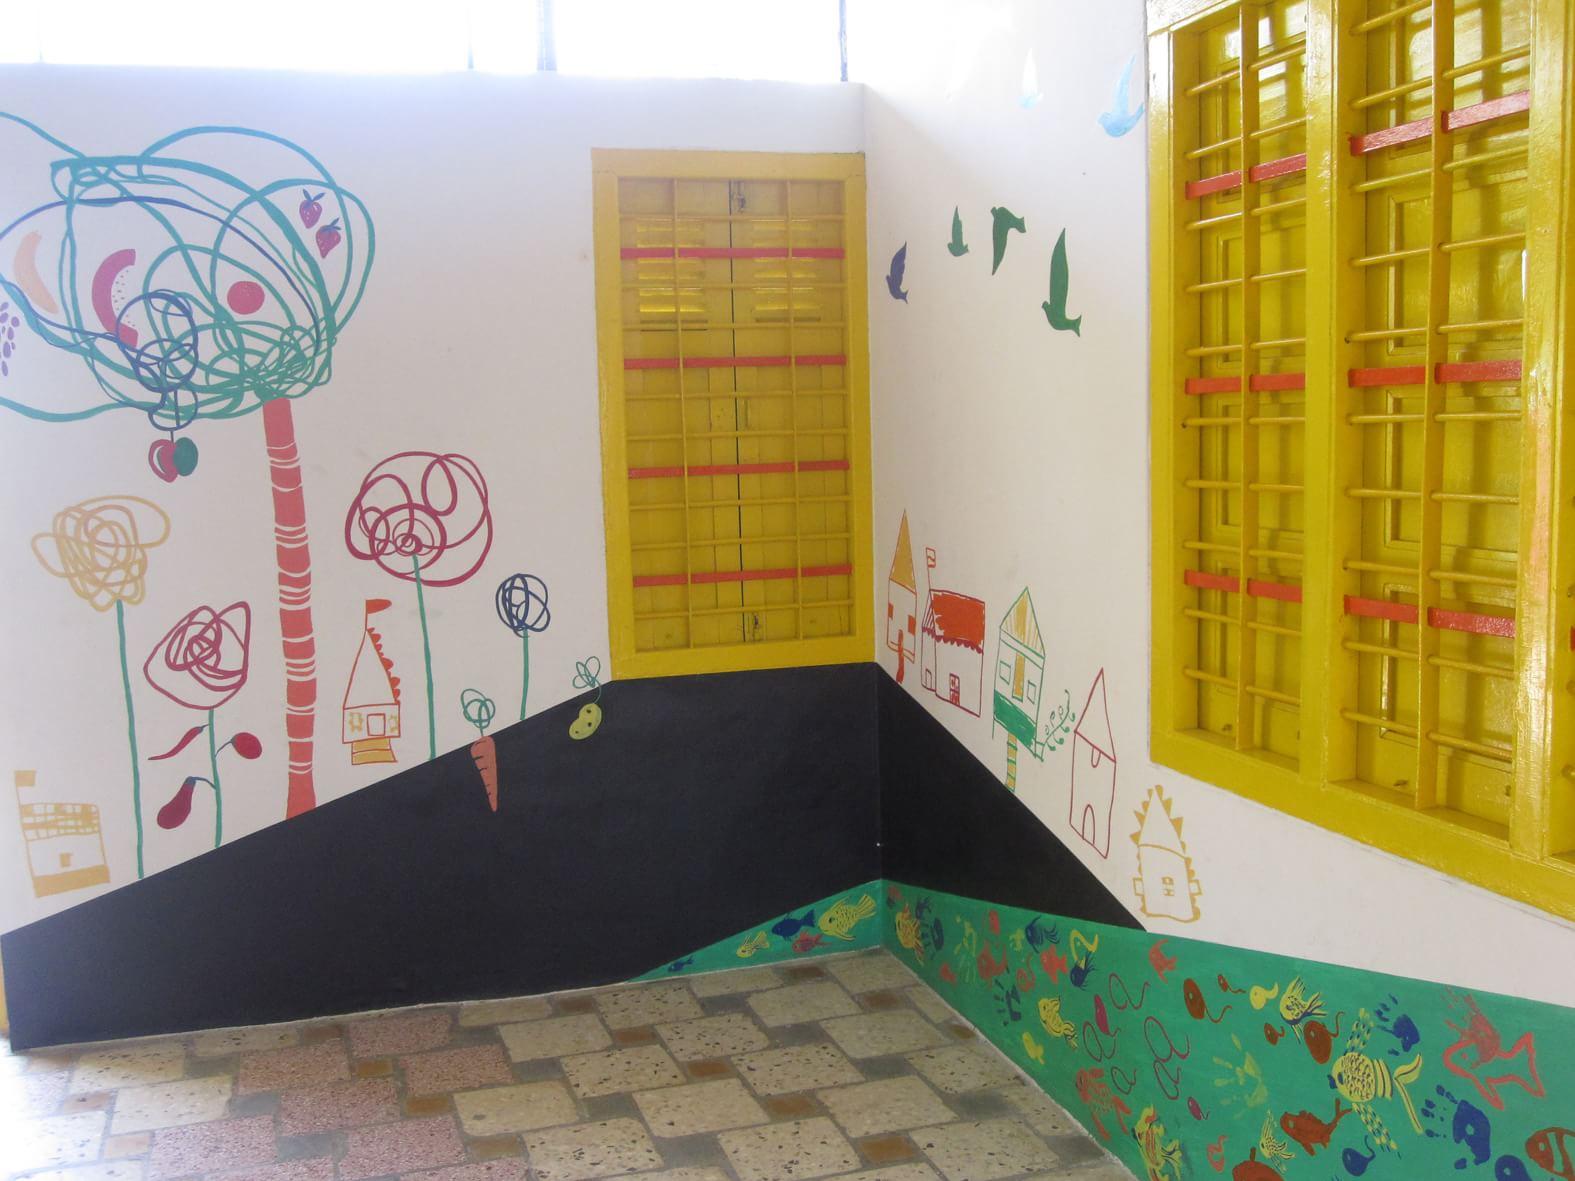 01_MS-Anganwadi_Interior-Mural.jpg